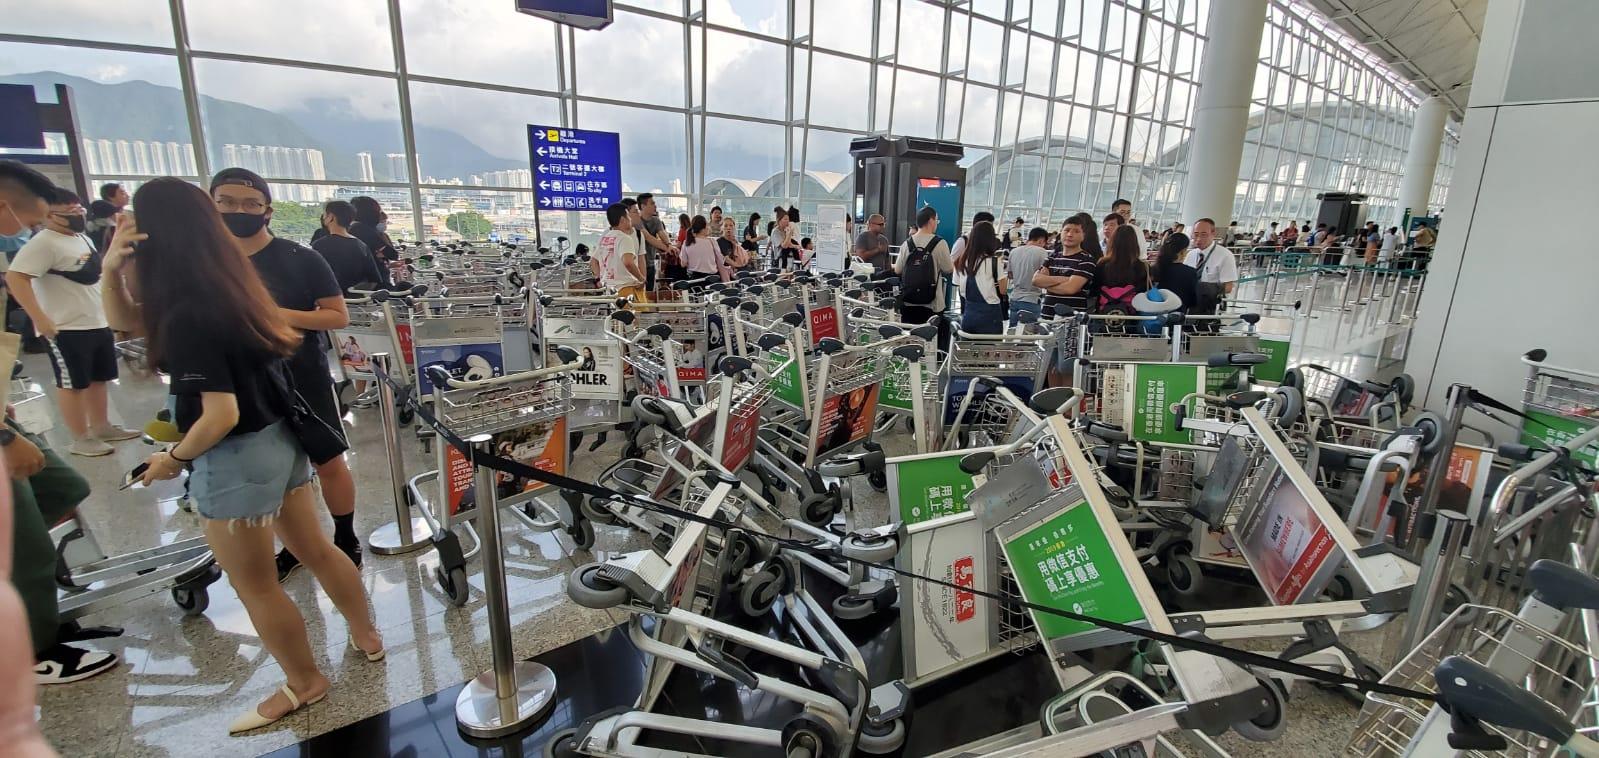 大批示威者利用行李車當路障。